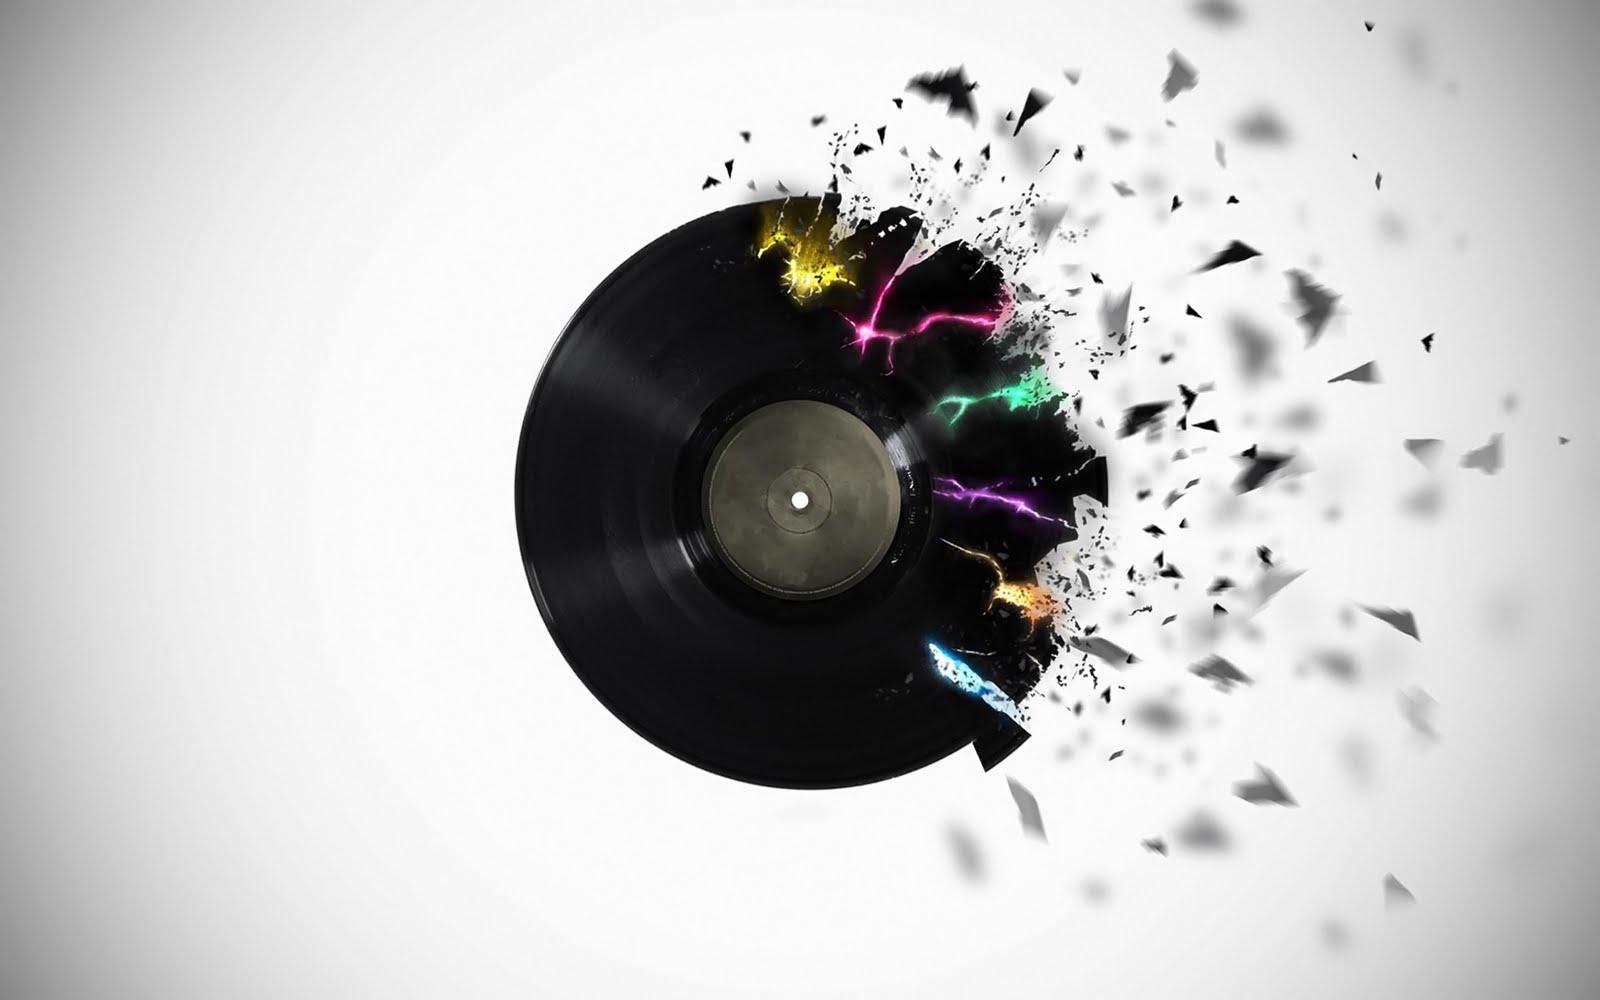 http://3.bp.blogspot.com/_UMK9L2BCltw/TH09q1ssZaI/AAAAAAAAAR4/6z0LhWiotvw/s1600/music-disk-wallpaper.jpg